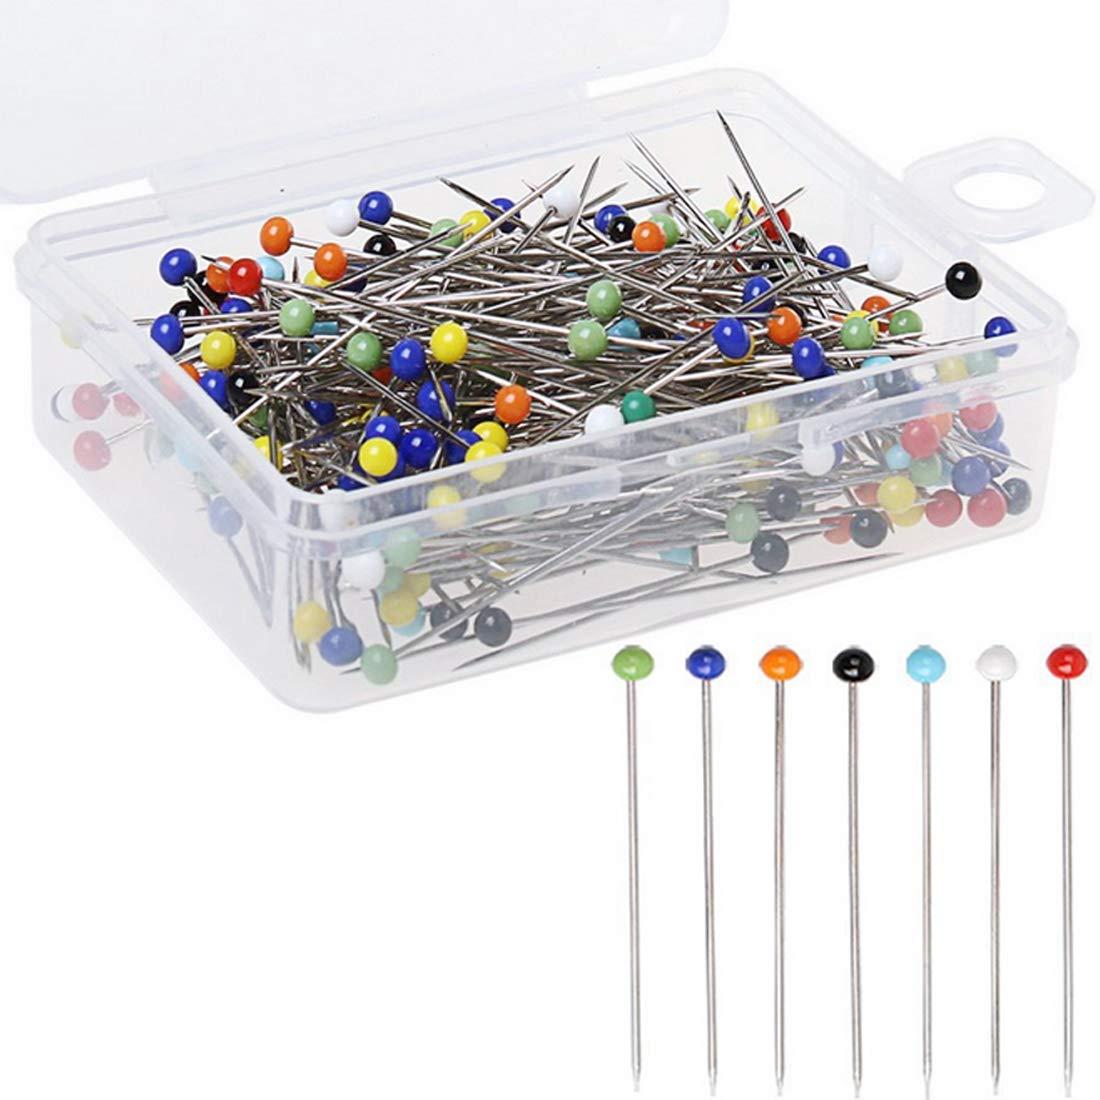 Perle Nadel Runde Kopf Kleidung Pins 100 st/ücke 37mm N/ähen DIY Dekoration Kunsthandwerk N/ähzubeh/ör